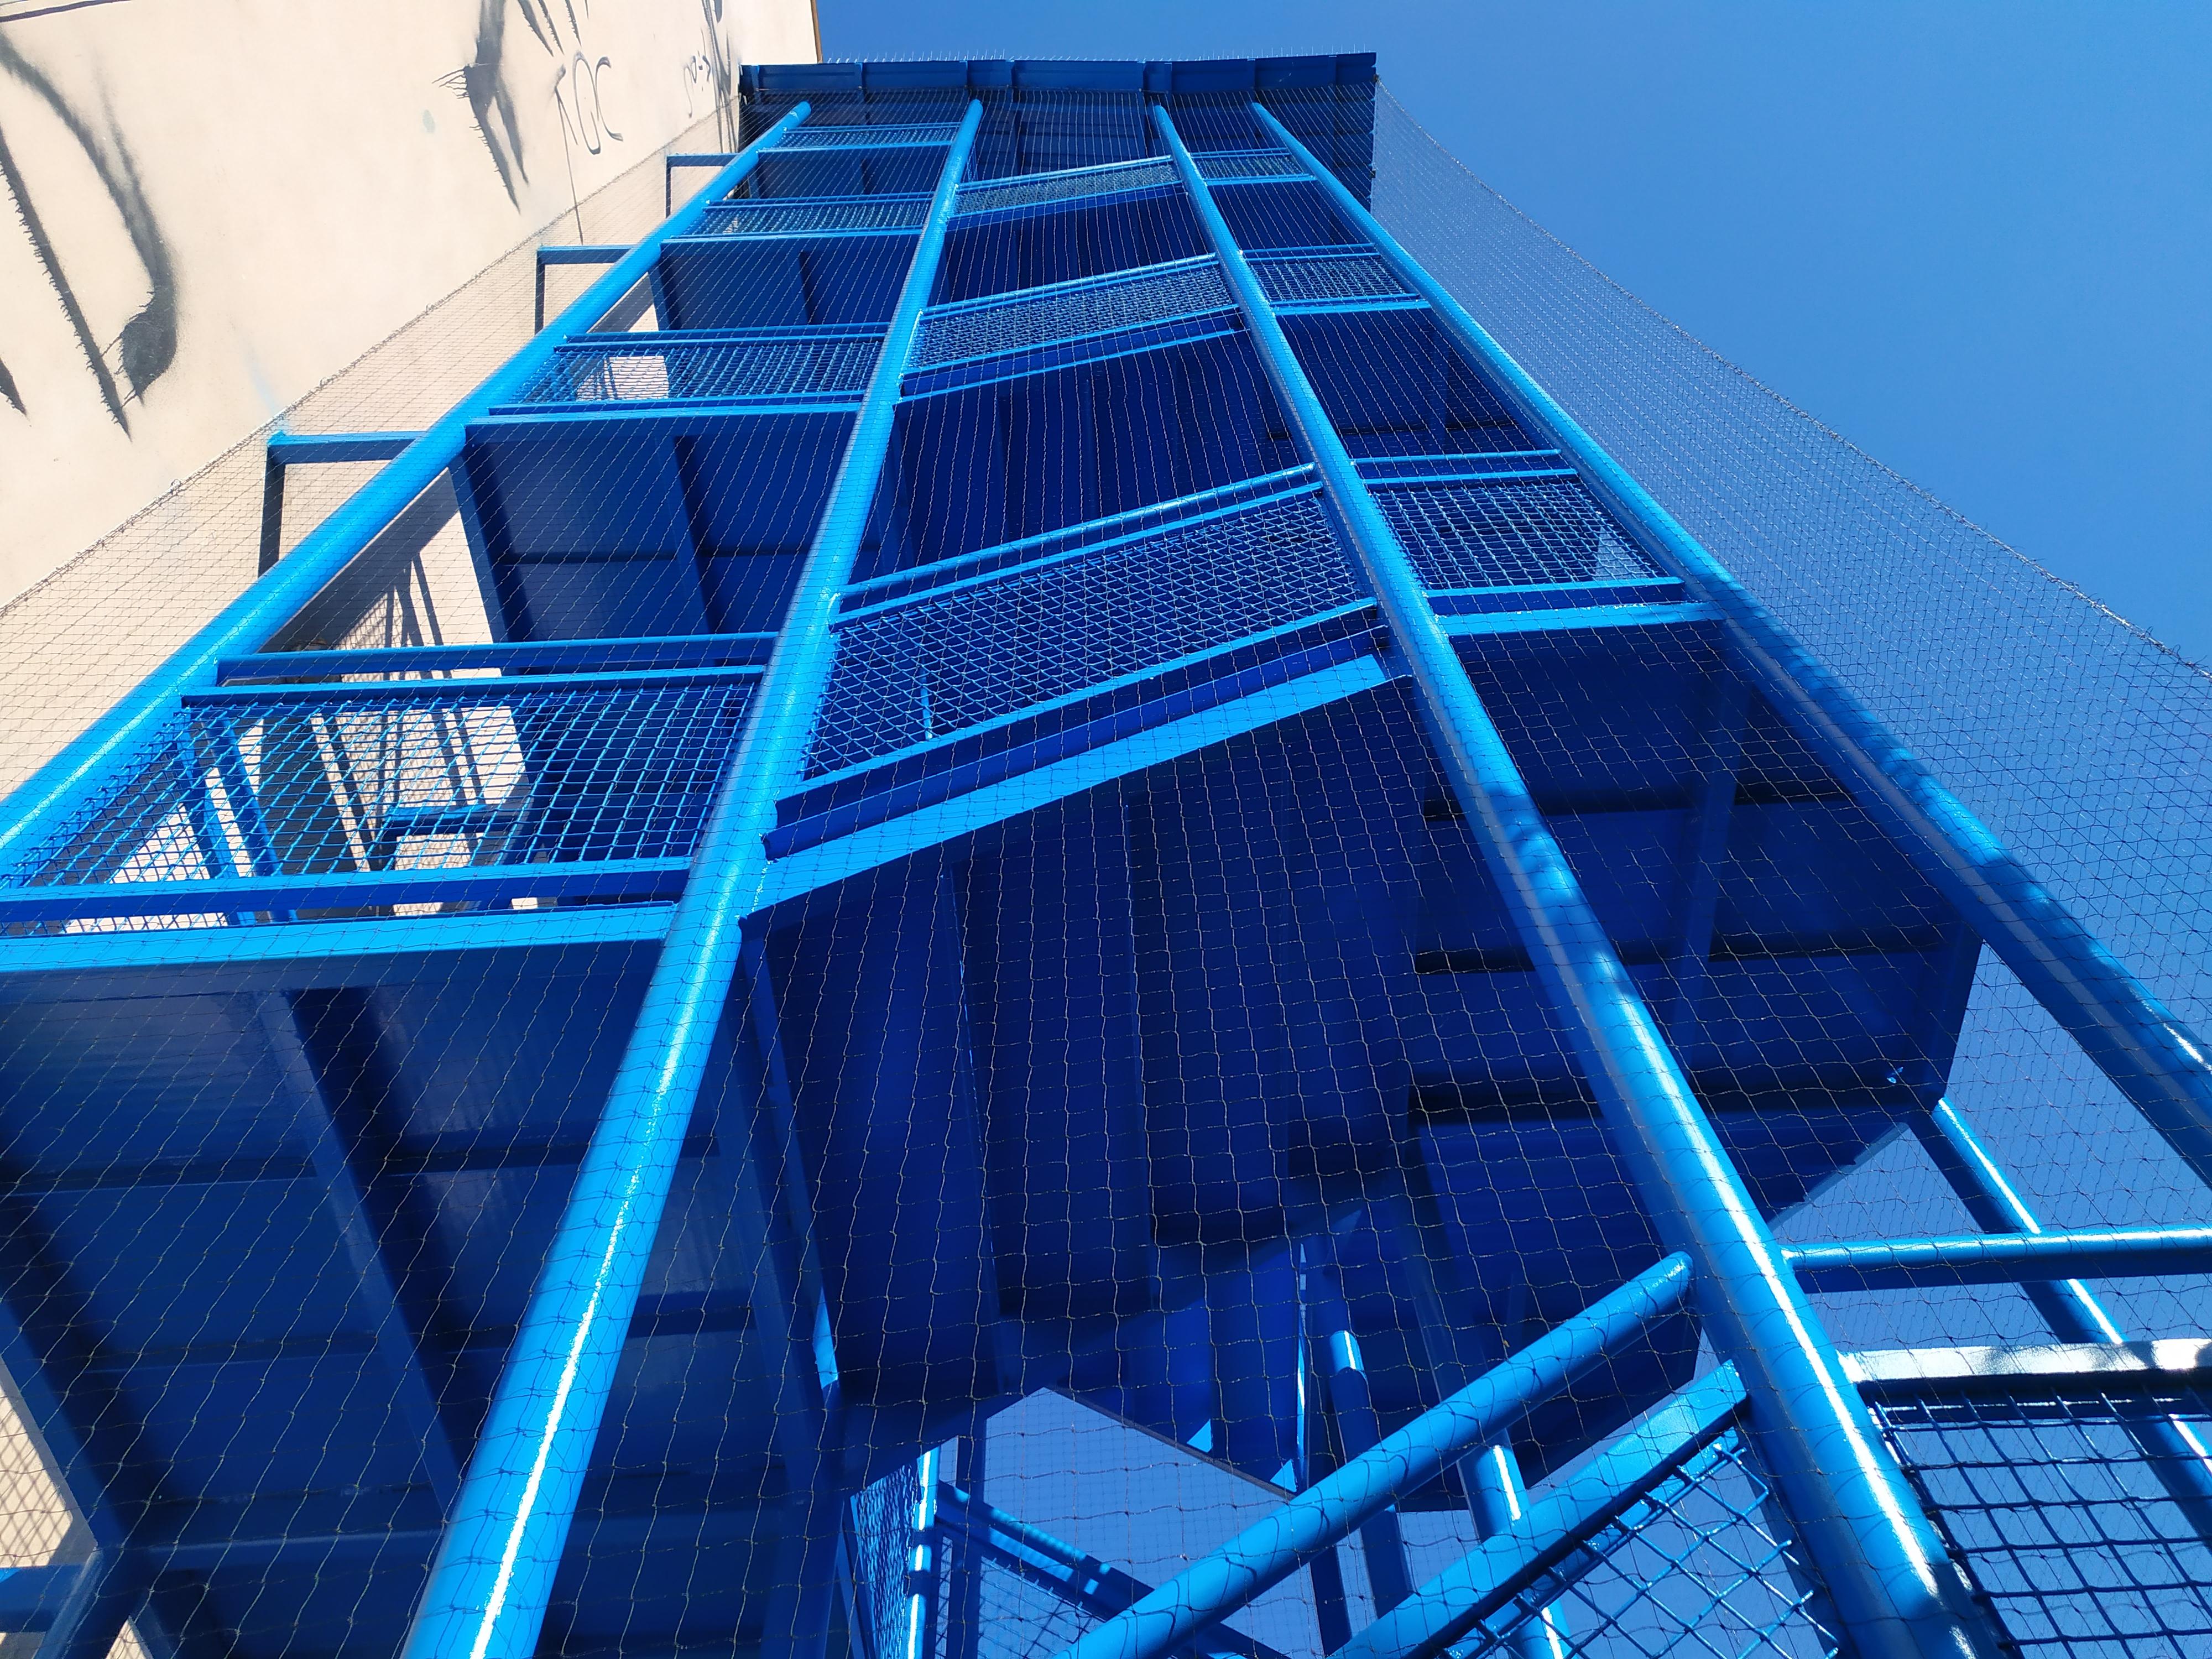 Instalace sítě proti holubům na schodiště v exteriéru budovy v Praze